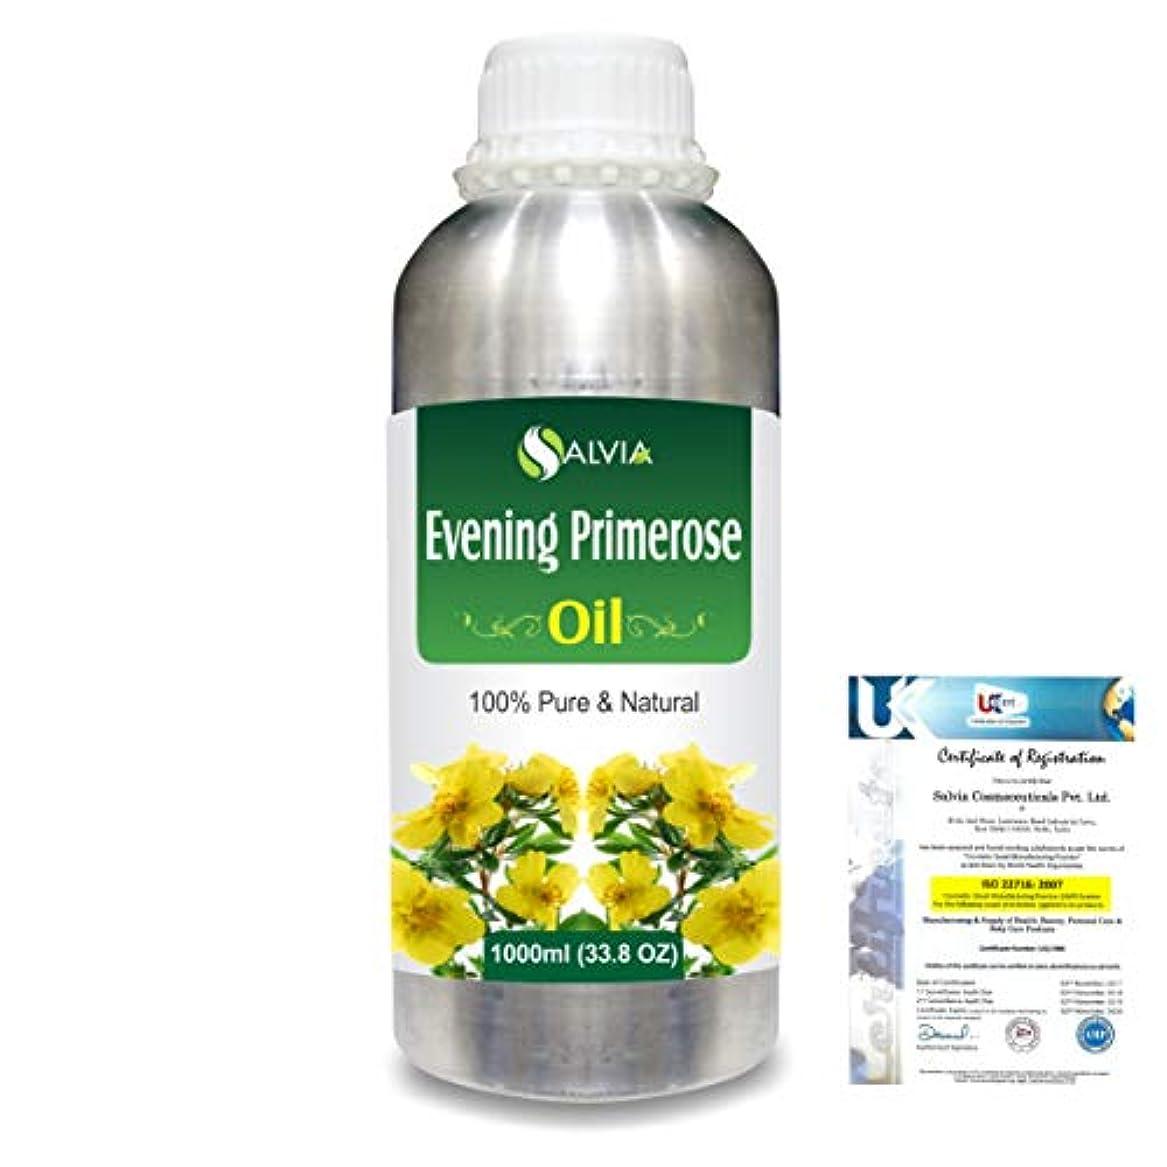 許可あいさつ器官Evening Prime rose 100% Natural Pure Essential Oil 1000ml/33.8fl.oz.